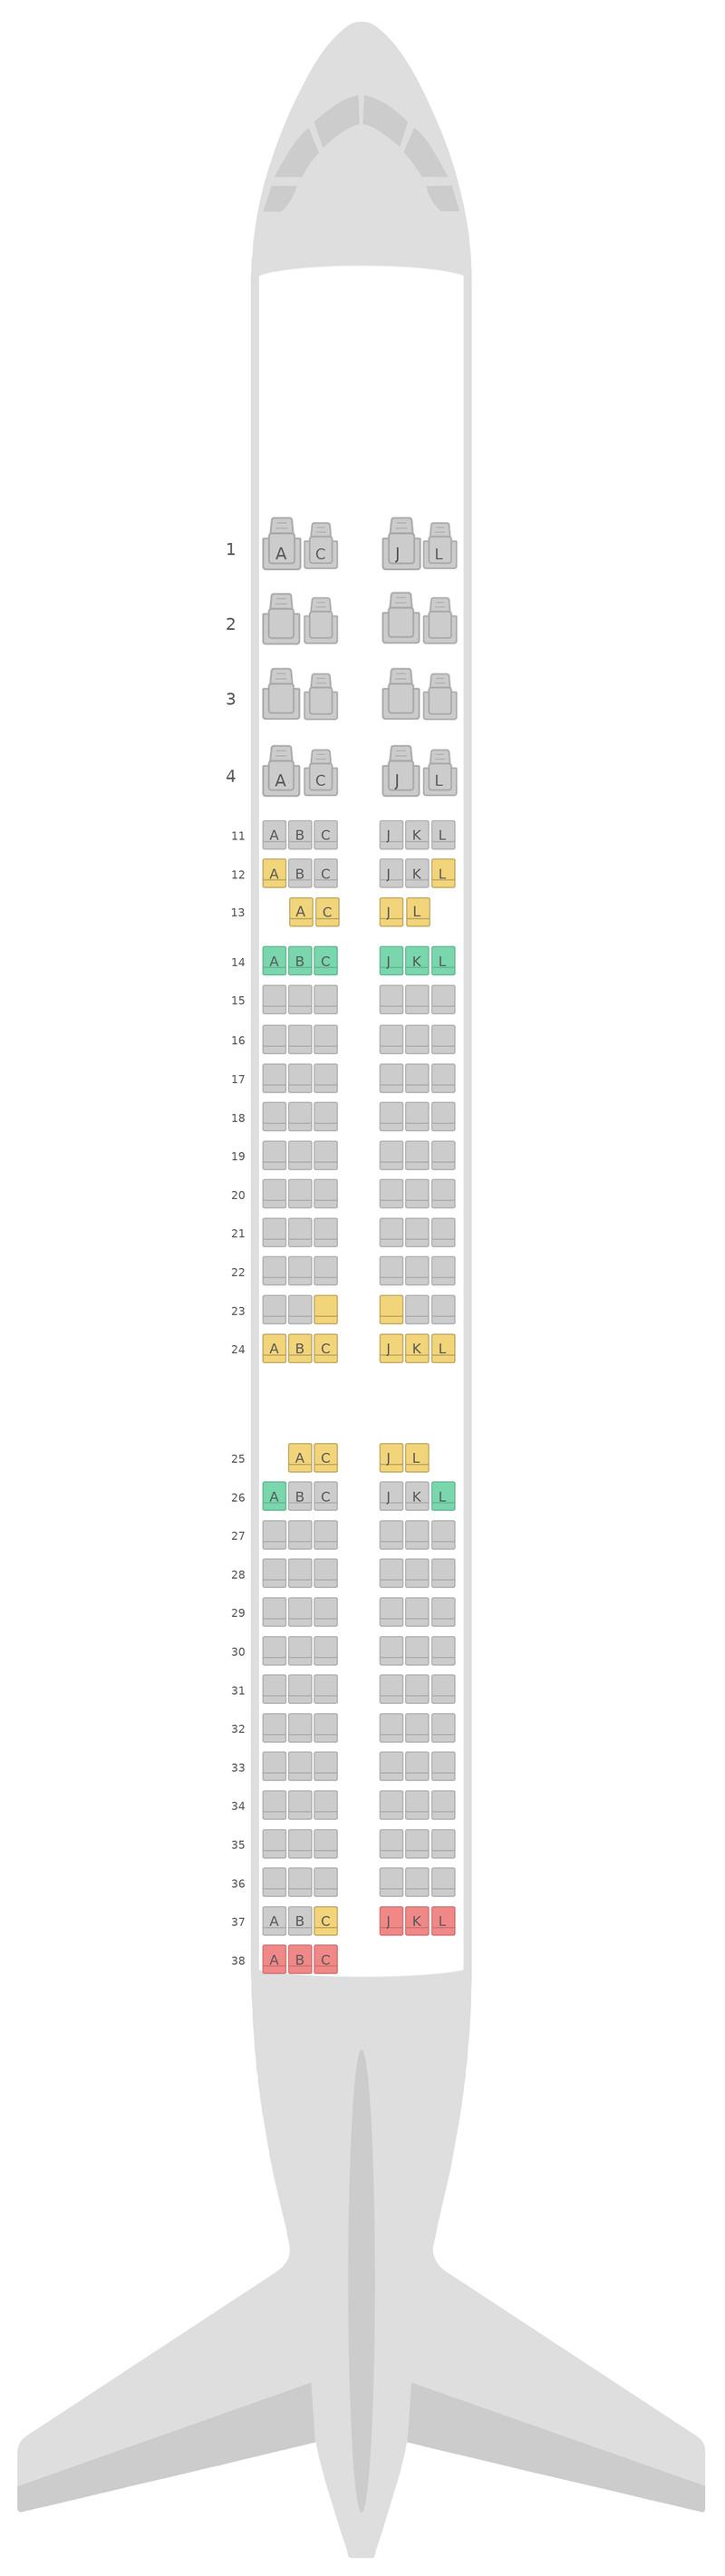 Seat Map Air China Airbus A321 v2